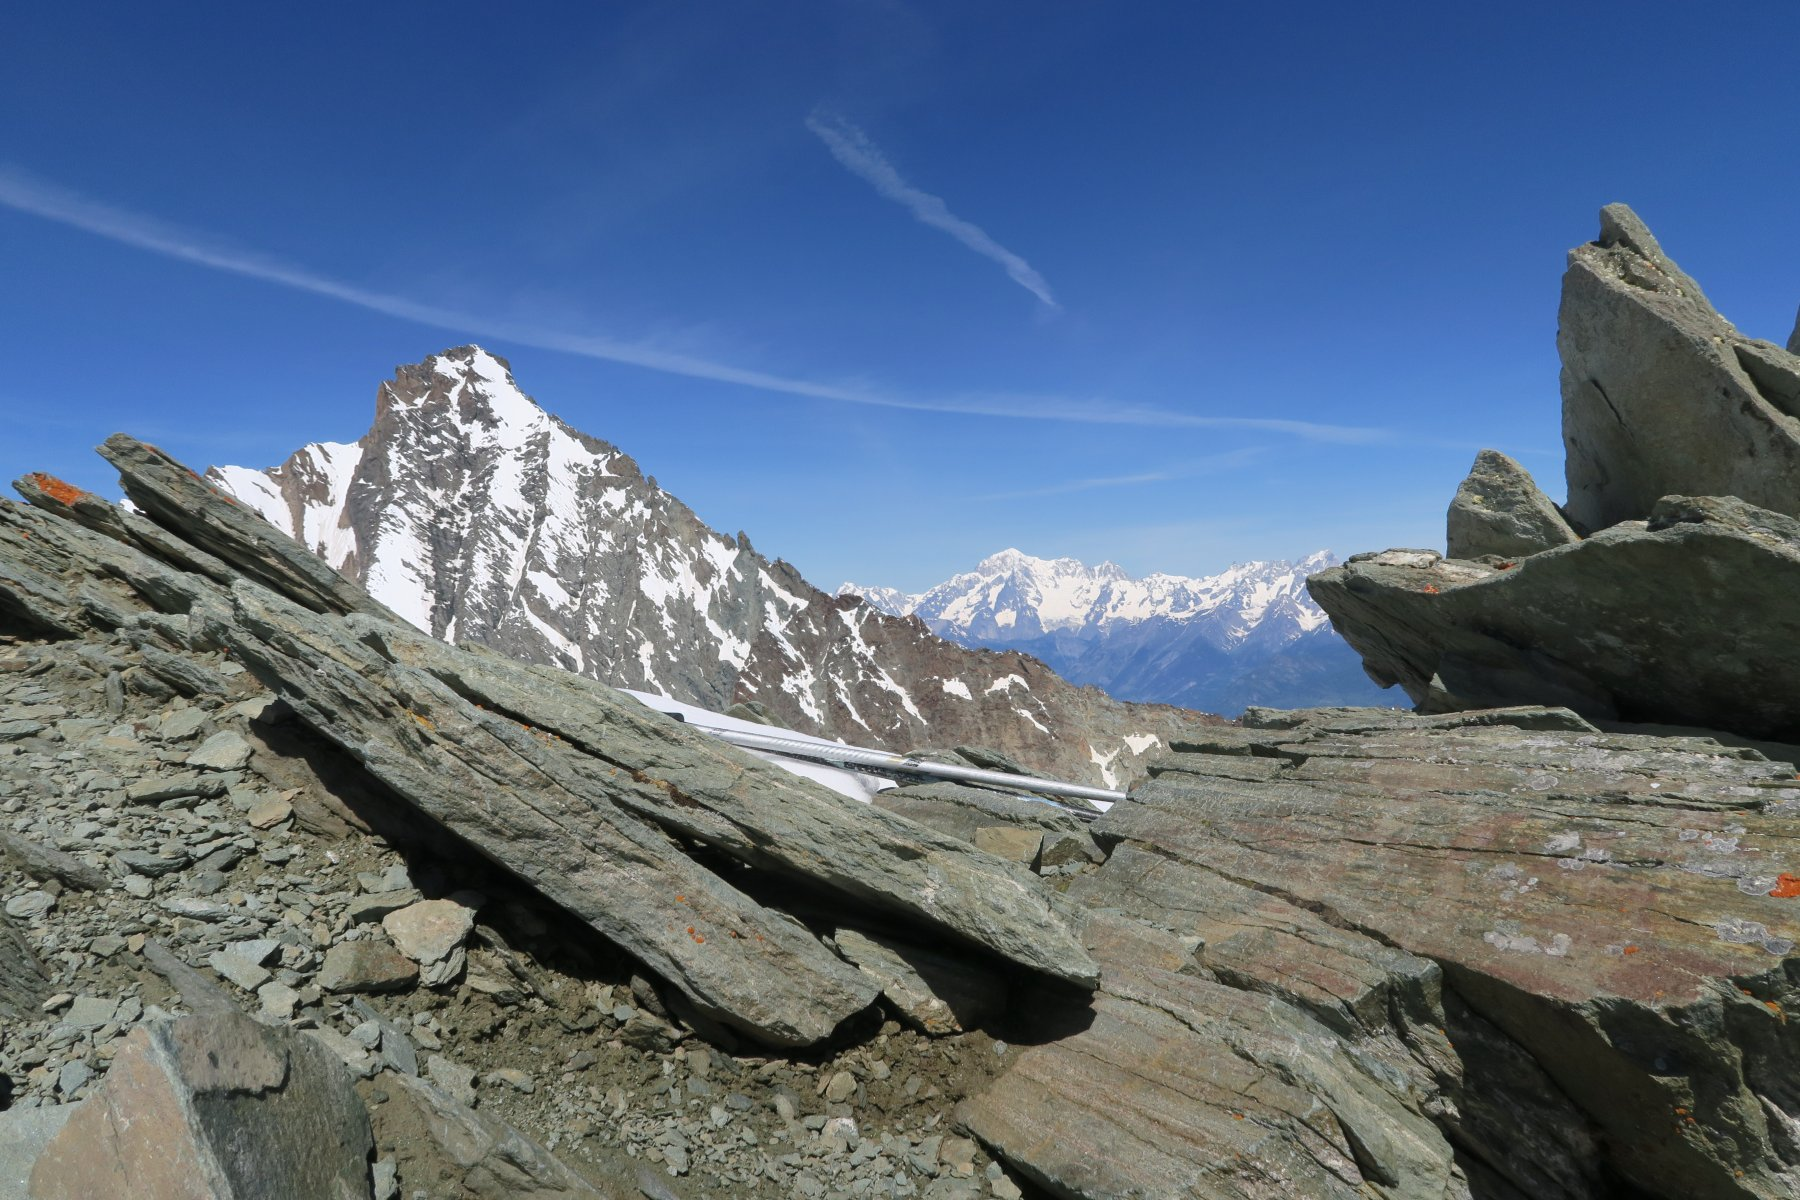 la Grivola ed in lontananza il Monte Bianco